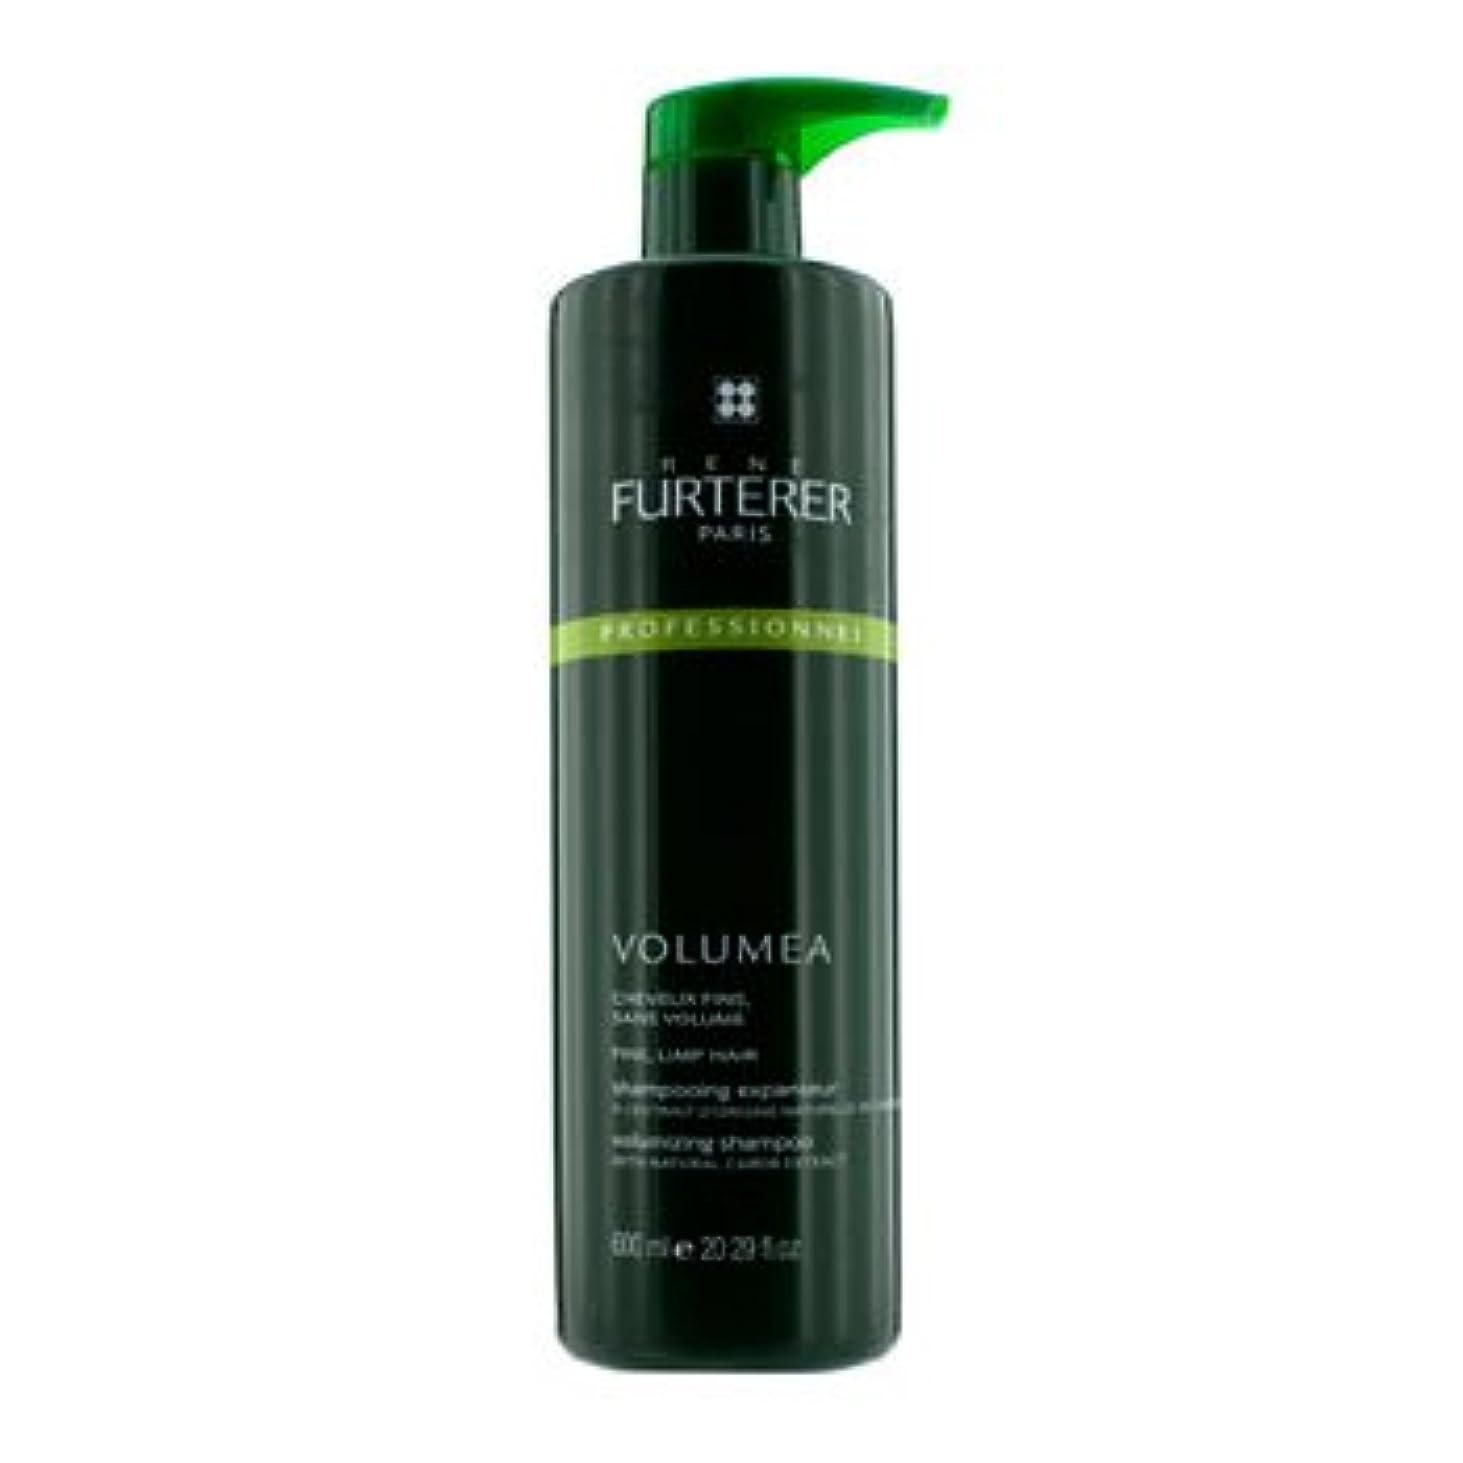 統合する平凡違反[Rene Furterer] Volumea Volumizing Shampoo (For Fine and Limp Hair) 600ml/20.29oz